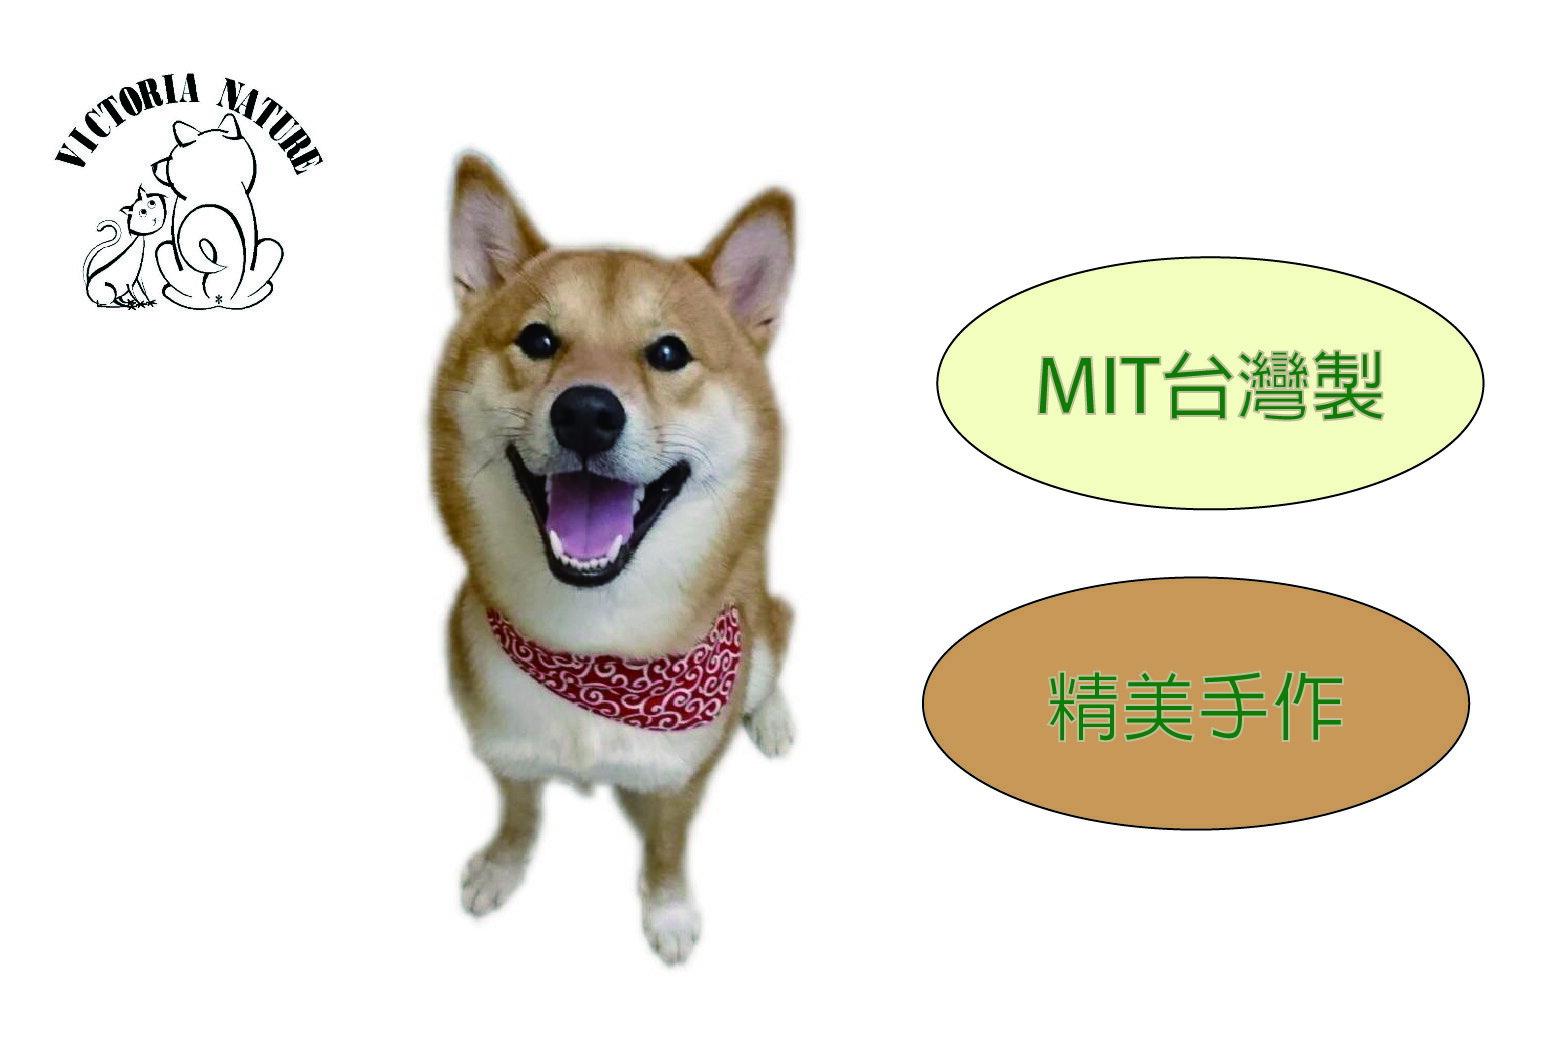 唐草領巾、寵物領巾、寵物三角巾 、寵物圍巾-許愛-精美手作-台灣製